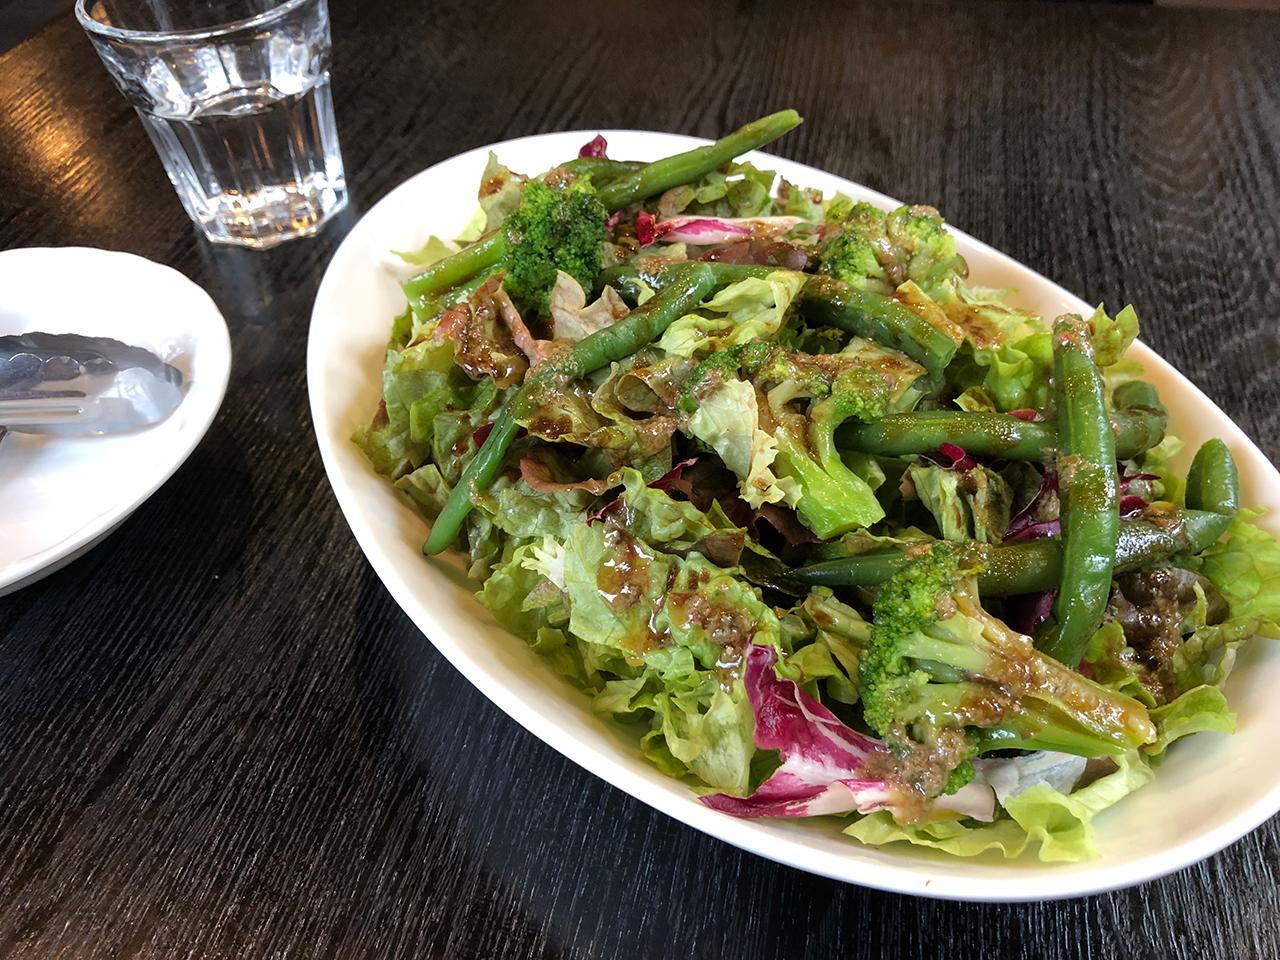 〈トンチーノ〉のサラダ